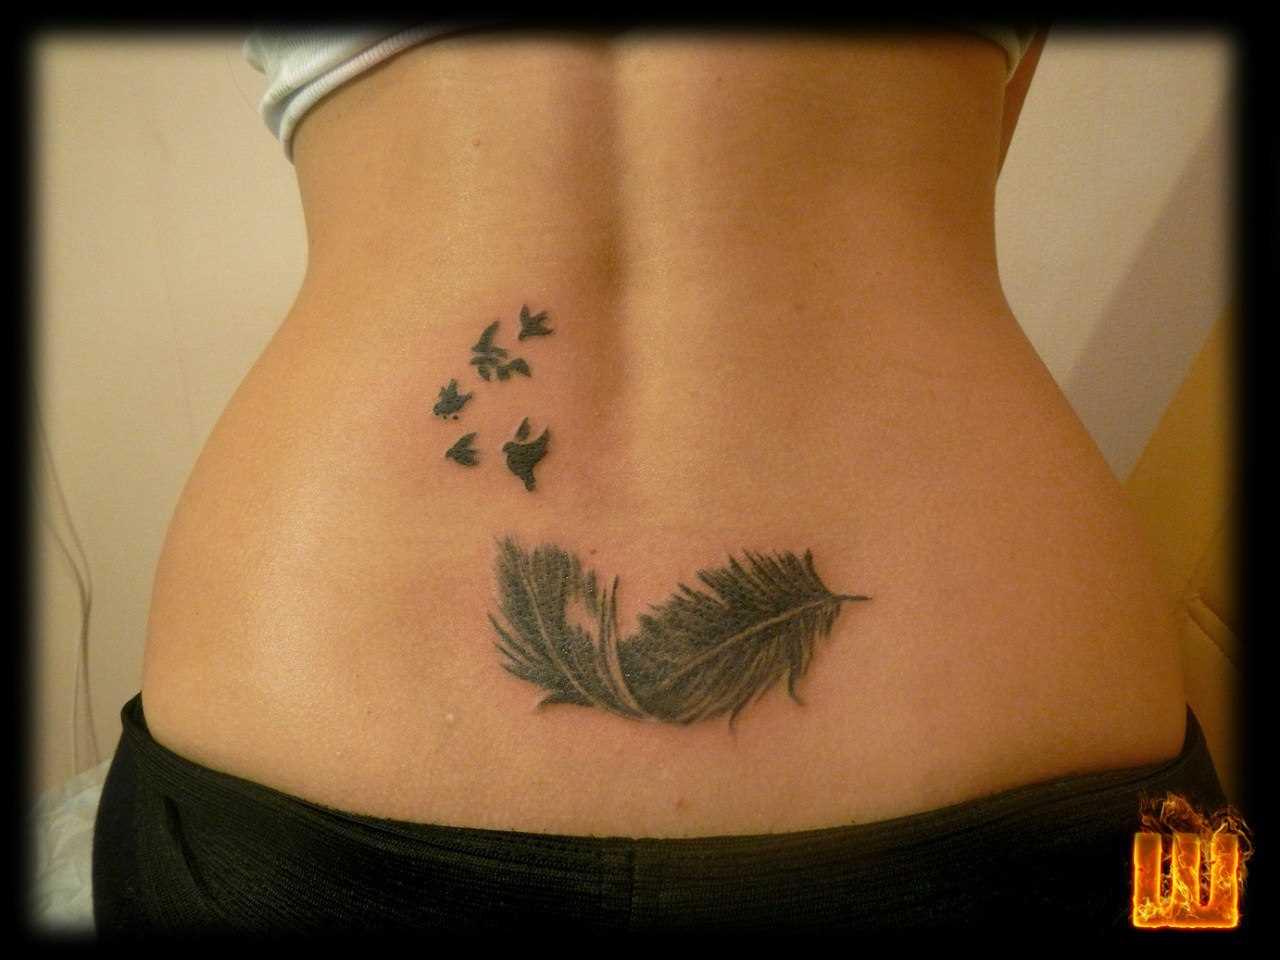 Tatuagem nas costas da menina - caneta